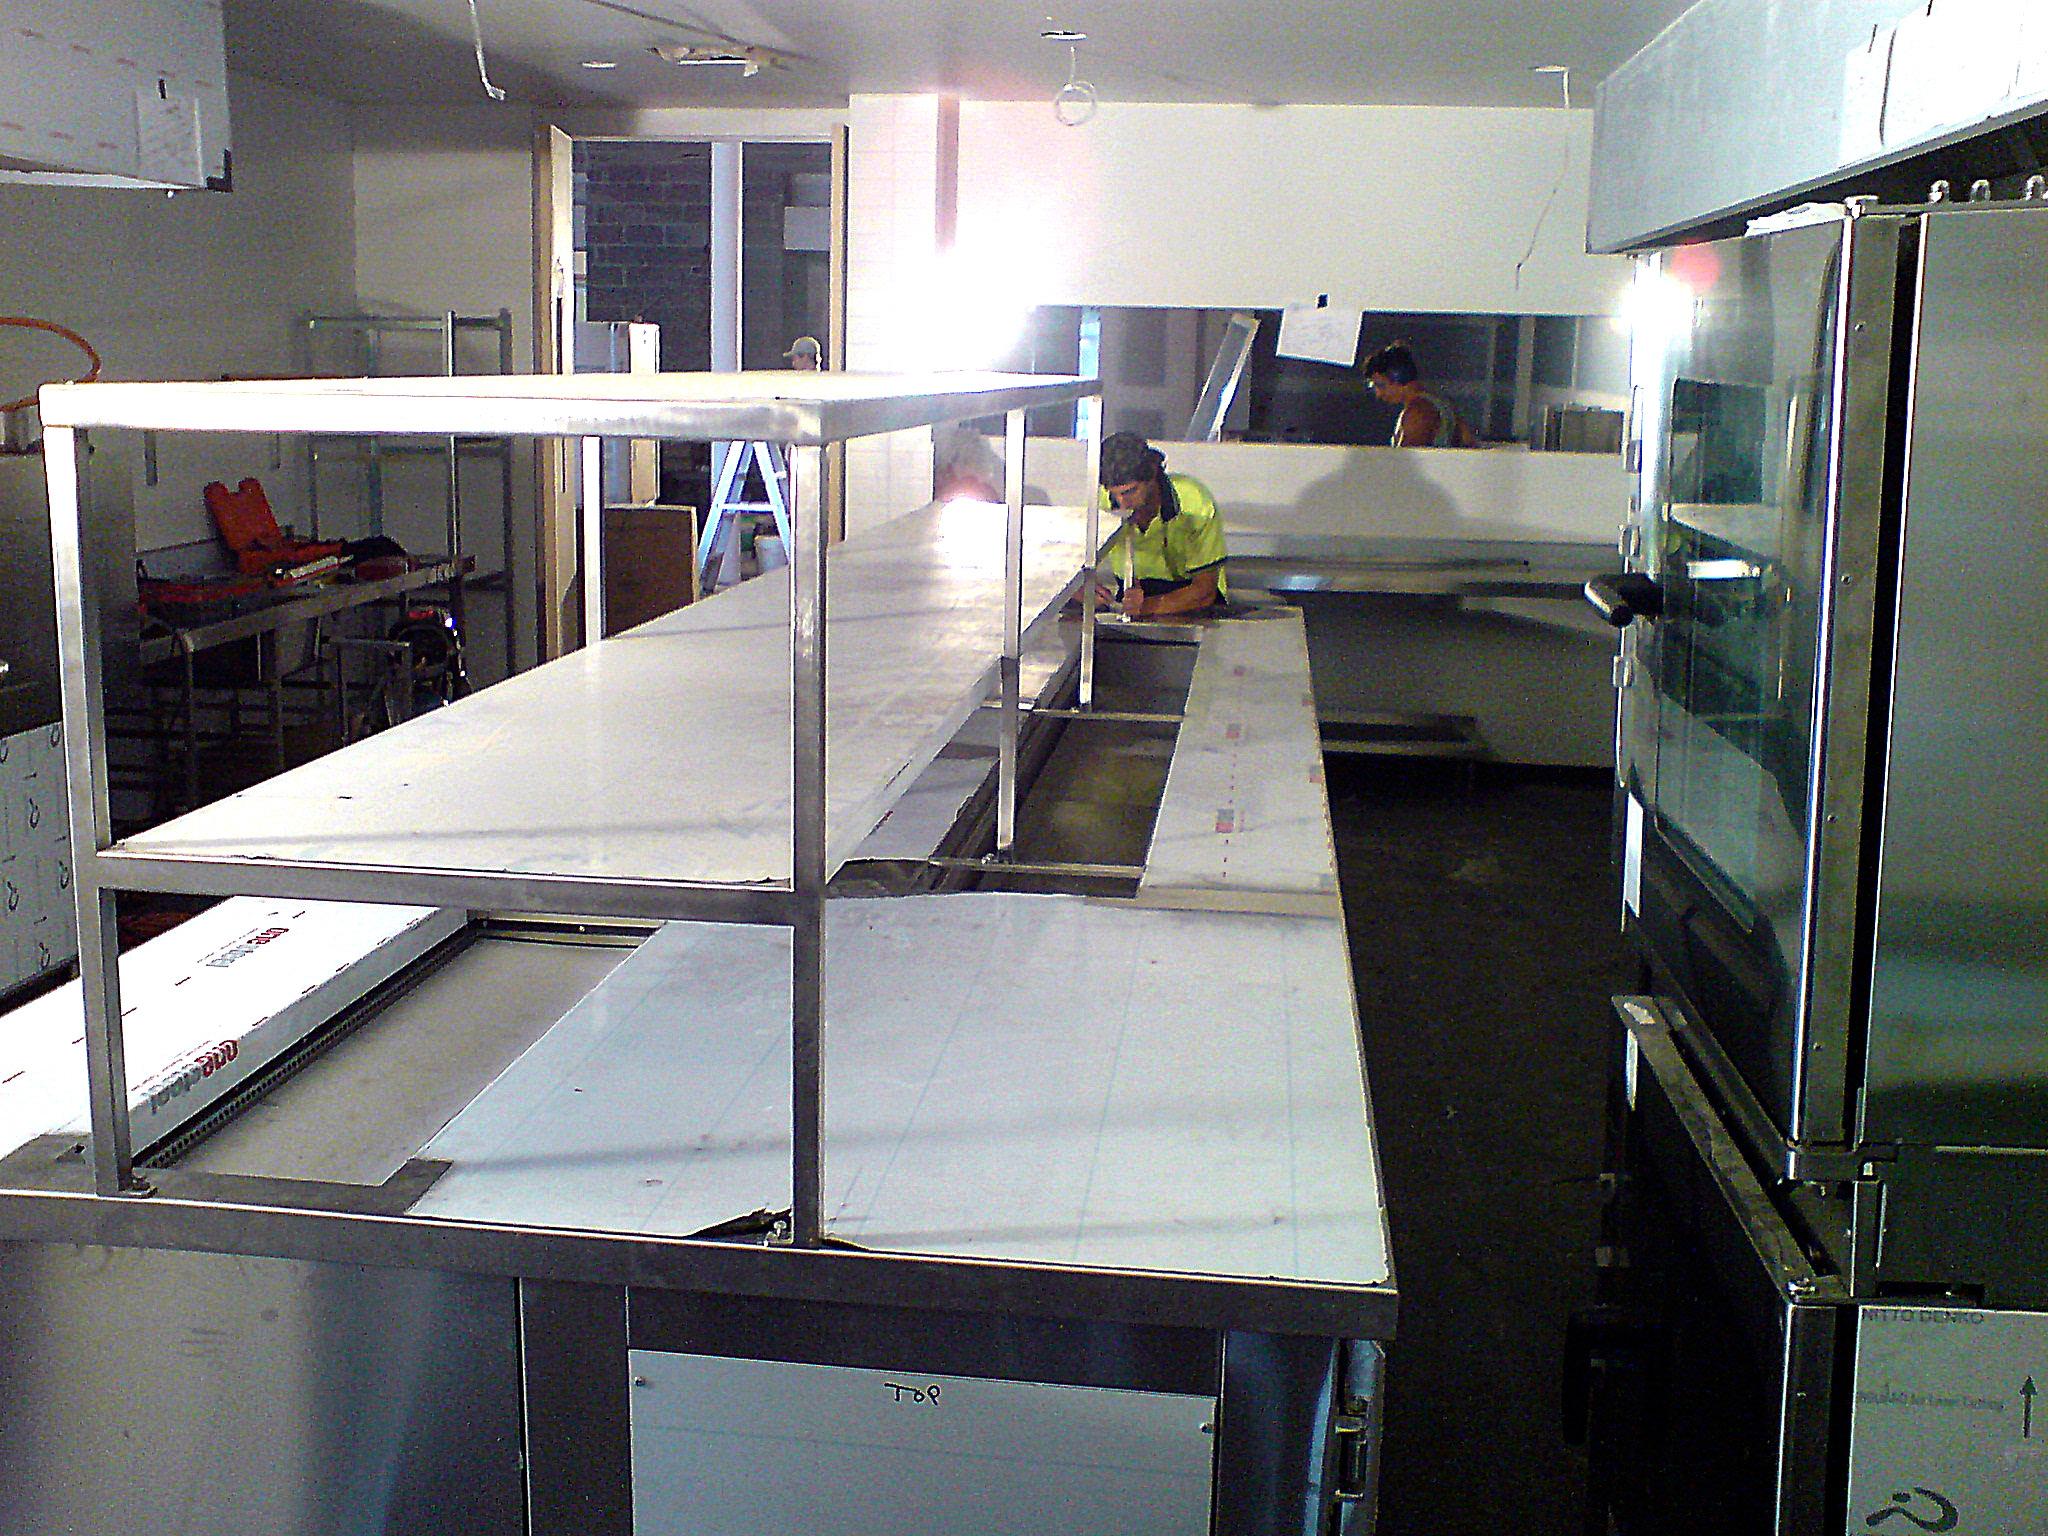 commercial kitchen equipment design hospitality design melbourne commercial kitchen design equipment hoods sinks messagenote